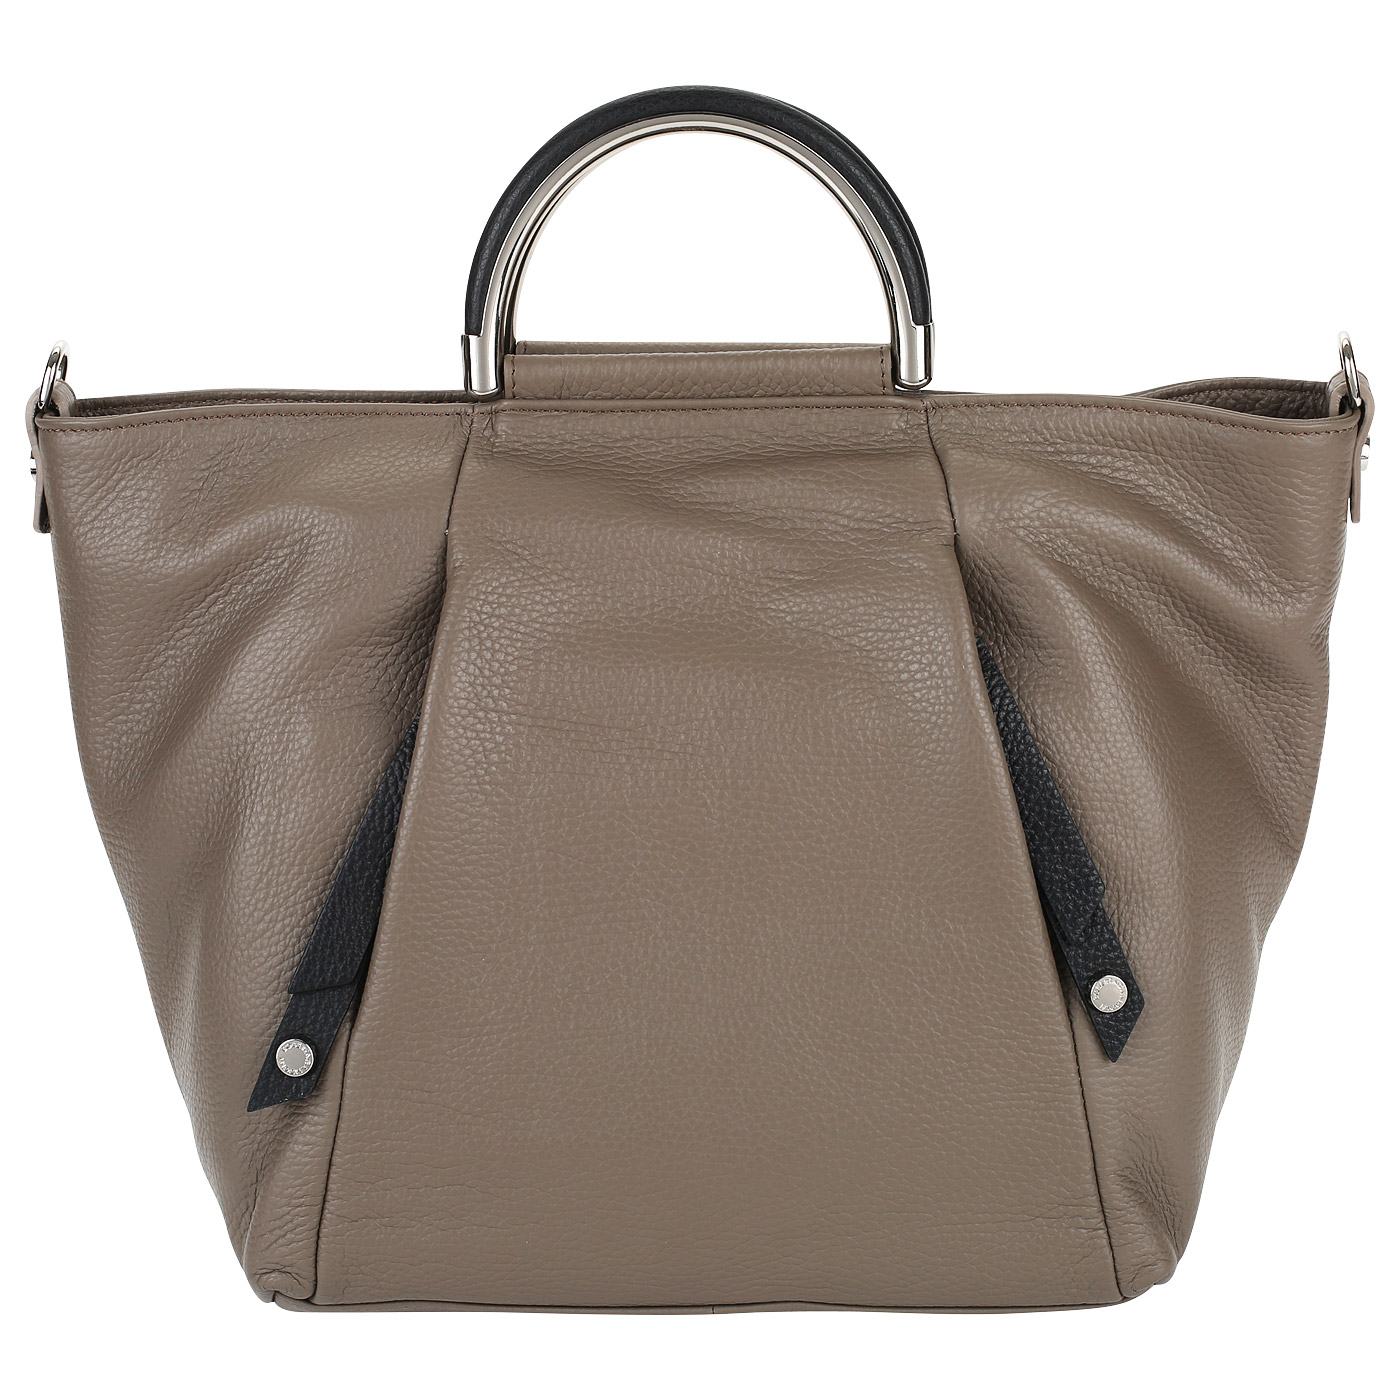 a2a646773dd3 ... Кожаная сумка с ручками и ремешком Roberta Gandolfi Canneloni ...